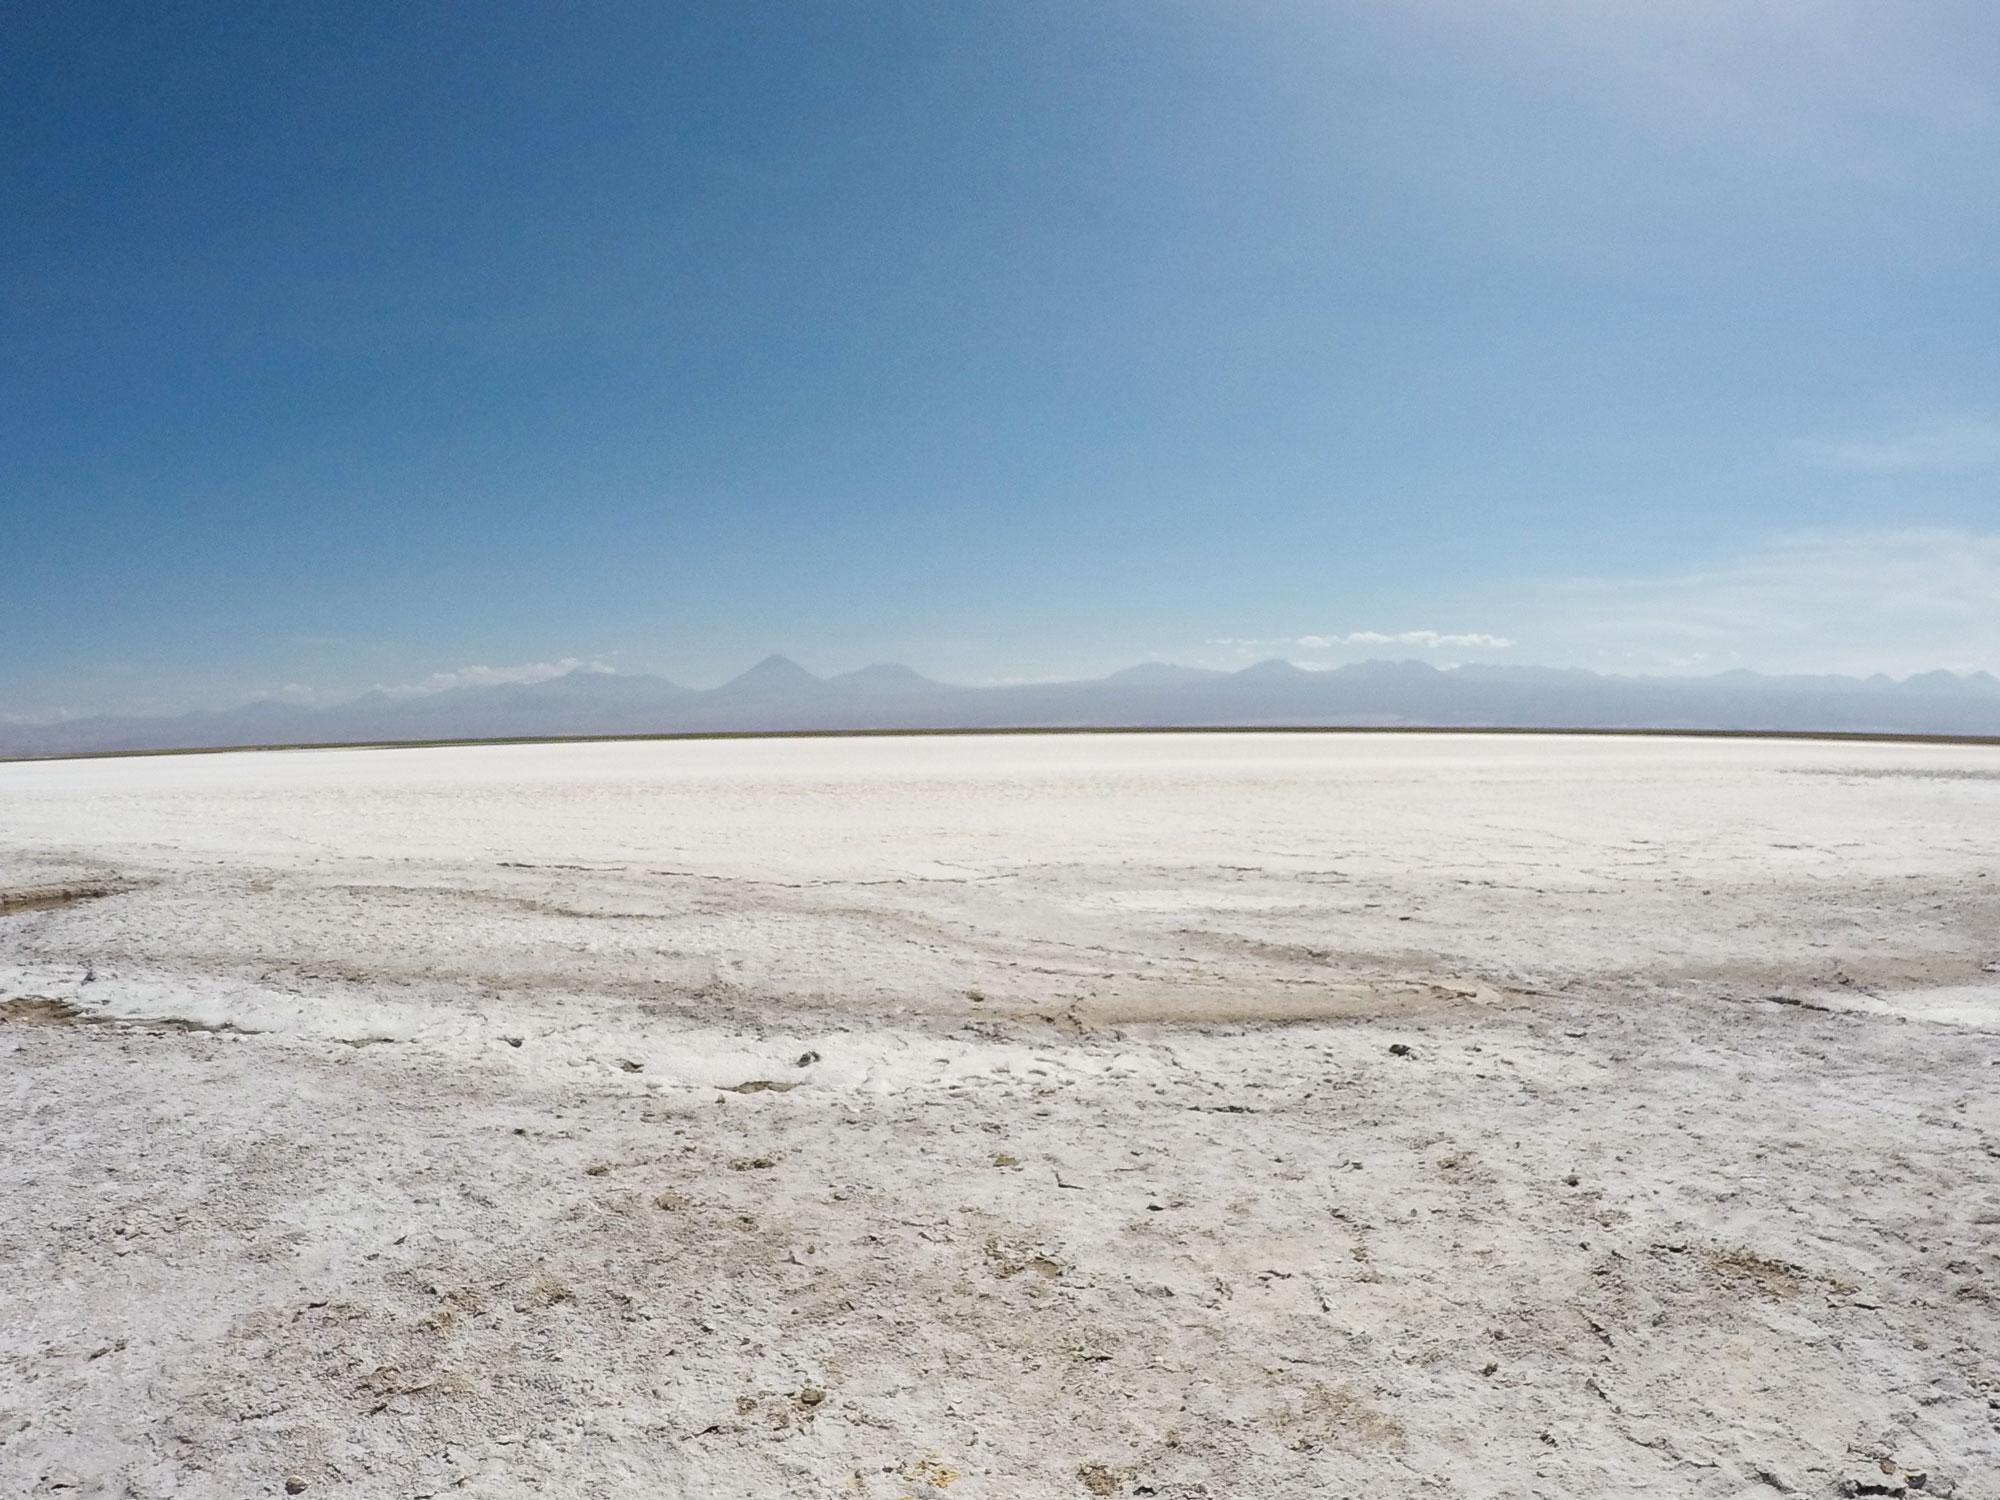 atacama-desert-chile-wander-south-salt-flats-1.jpg